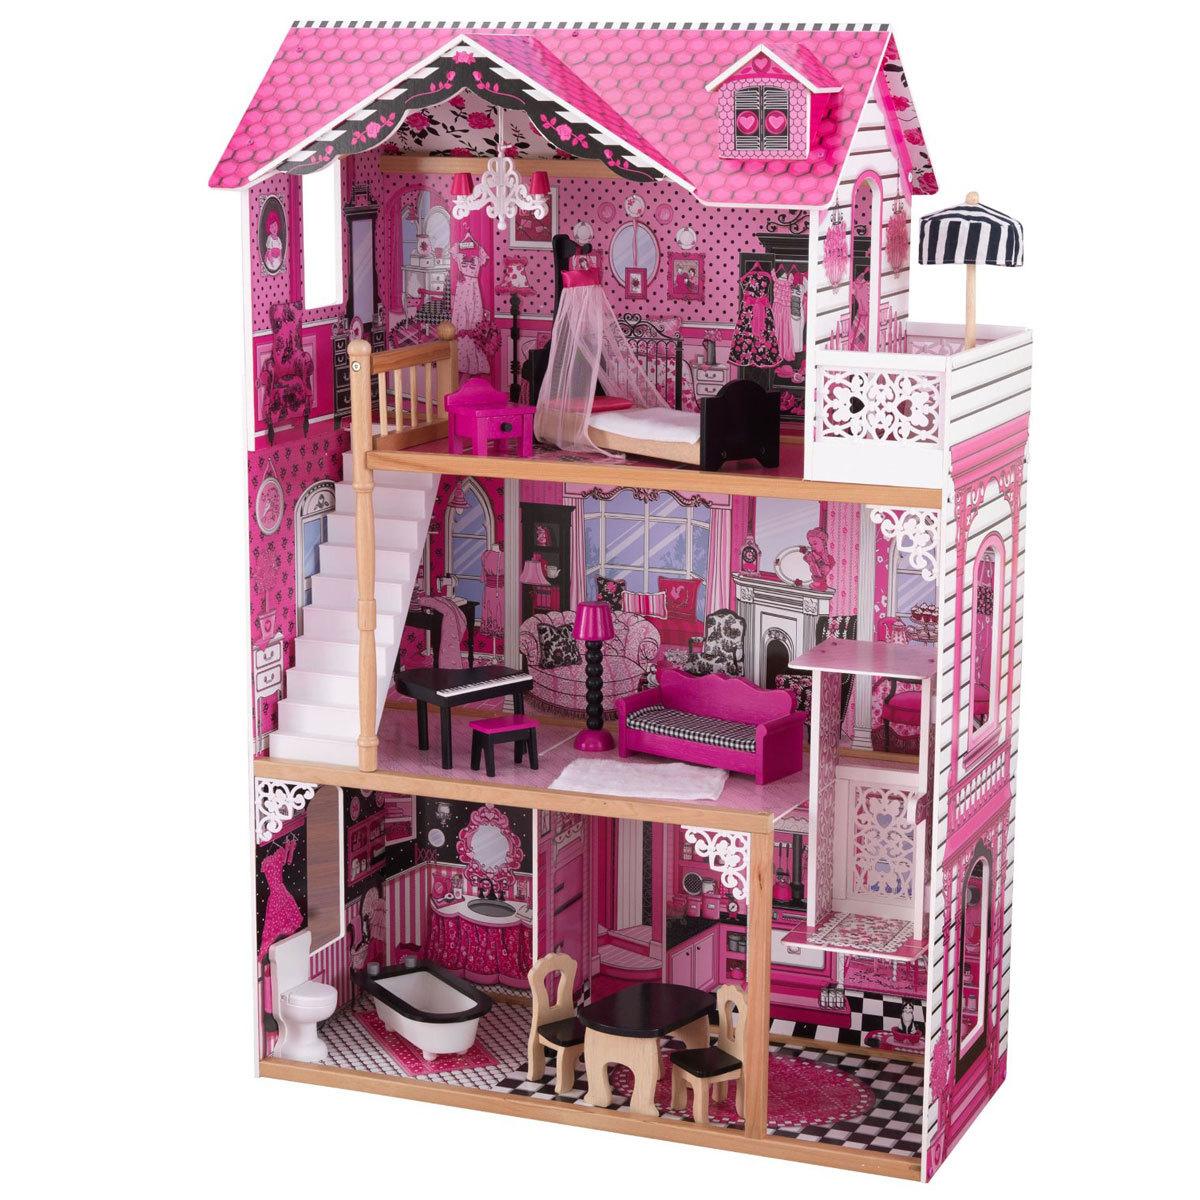 Кукольный домик для Барби с мебелью АмелияКукольные домики<br>Кукольный домик для Барби с мебелью Амелия<br>